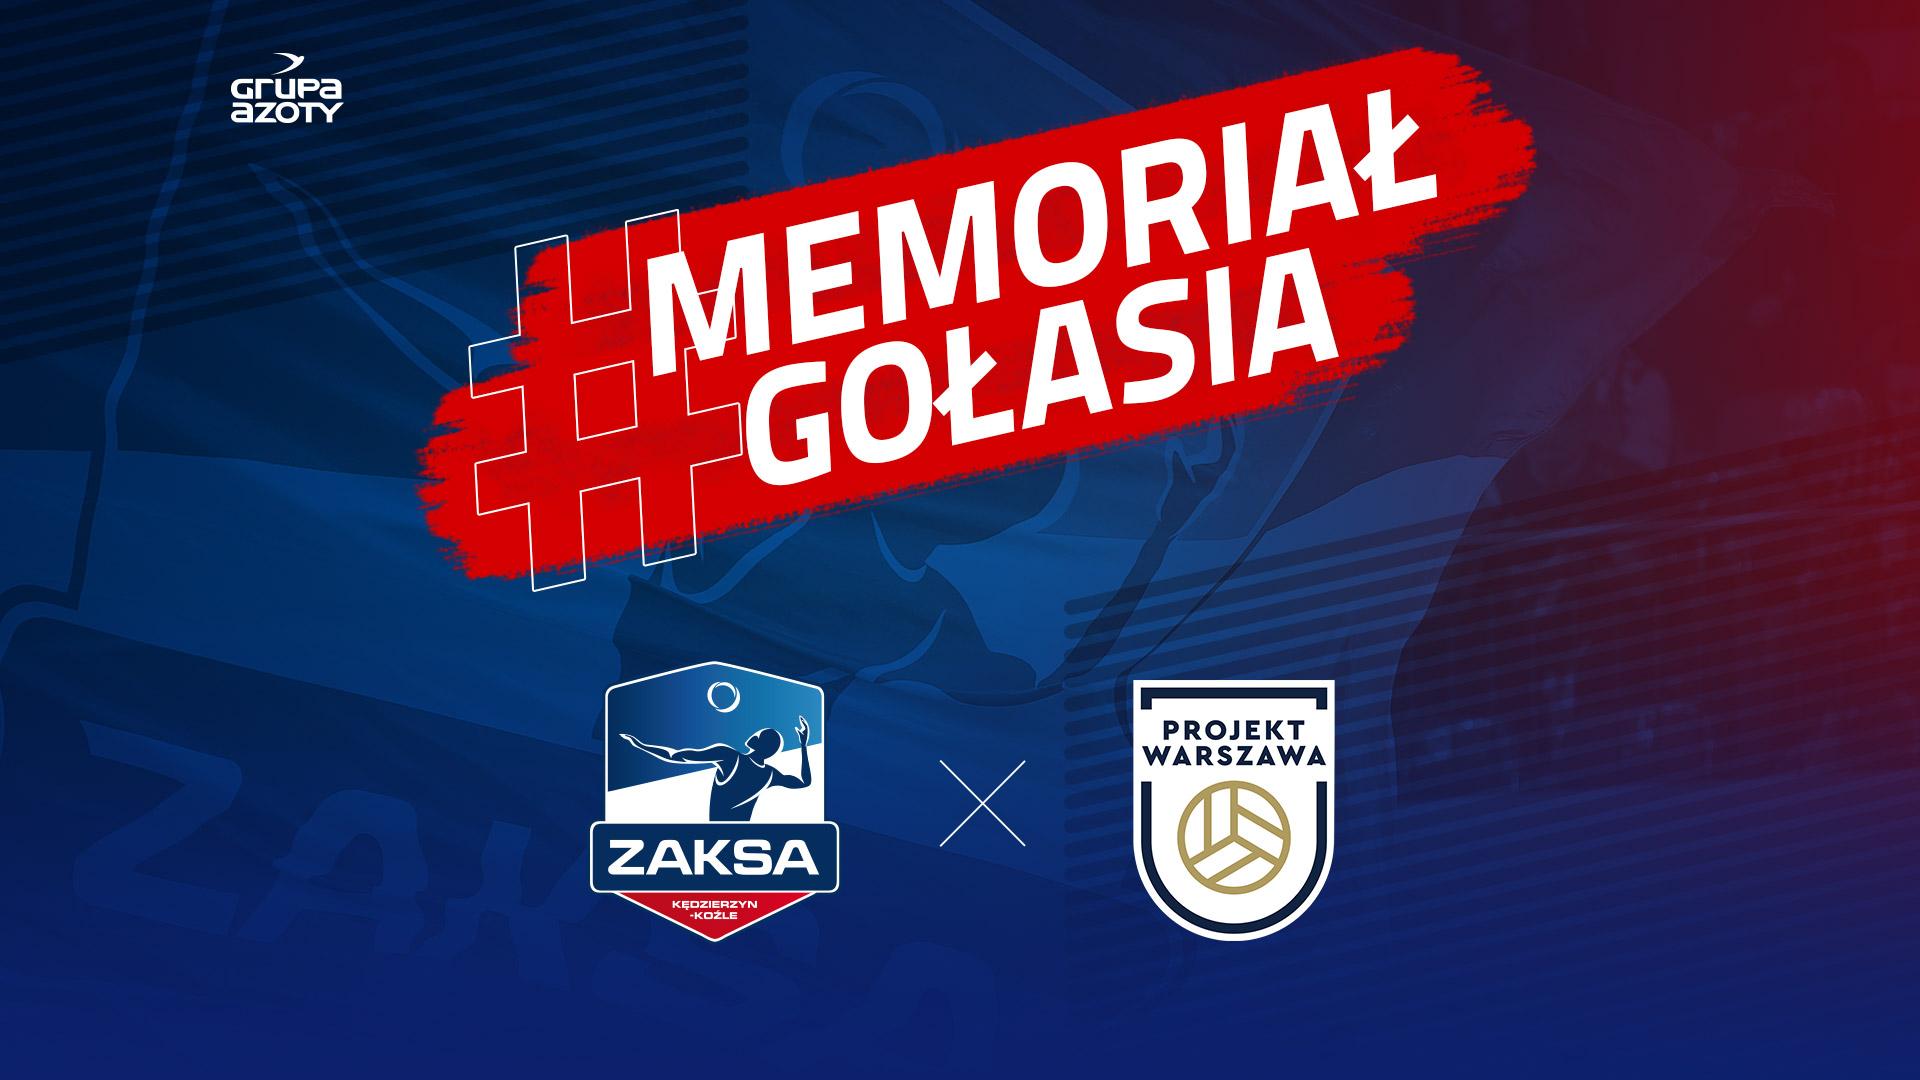 XVI Agrobex Memoriał Arkadiusza Gołasia: ZAKSA w finale